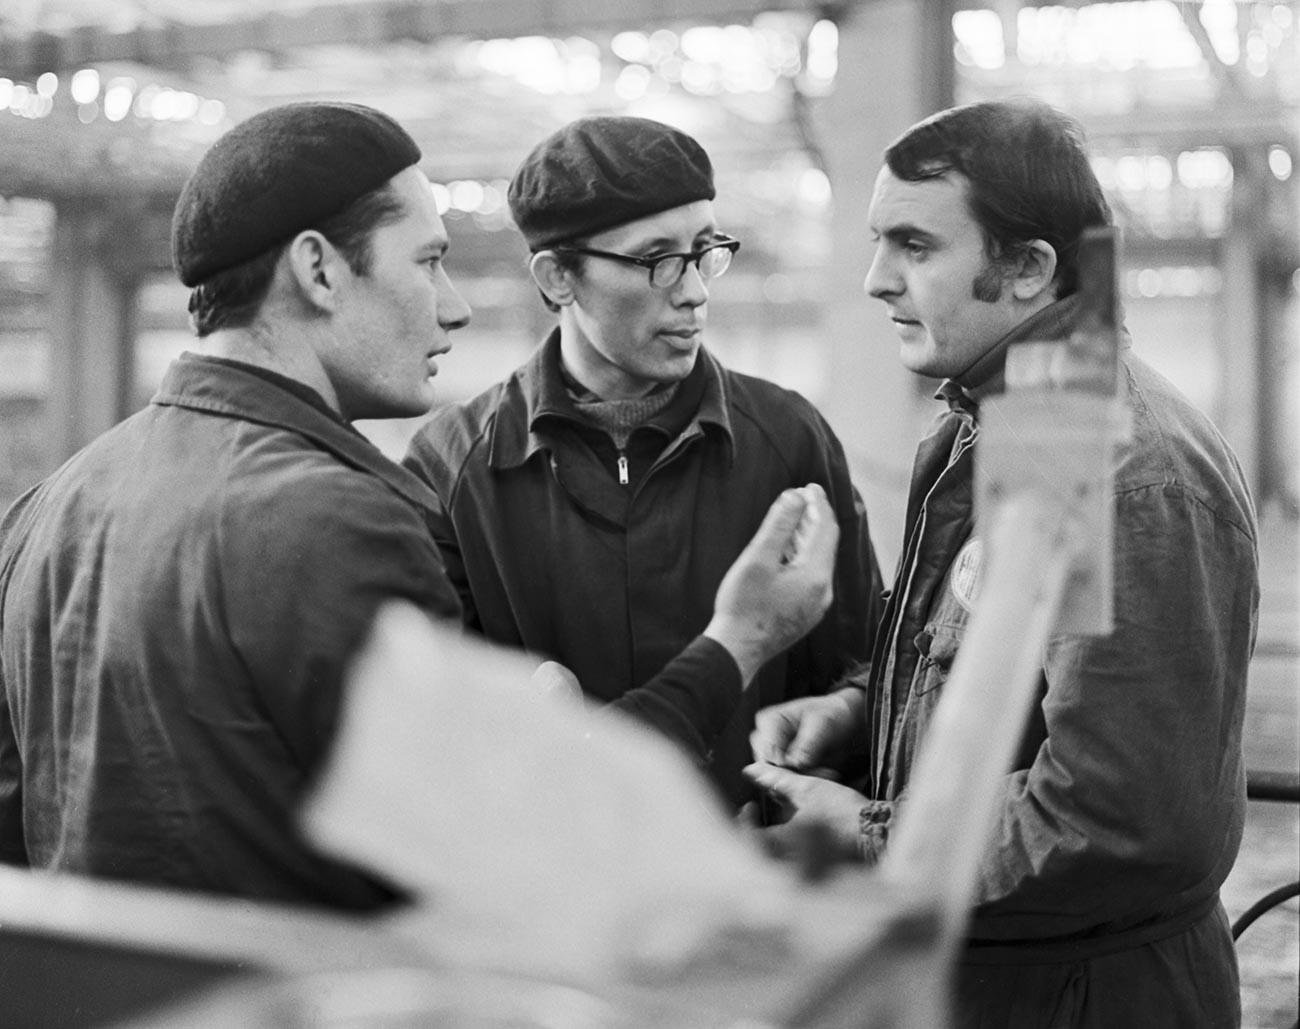 ВАЗ. Совјетски специјалисти Сергеј Јасински и Николај Бородин разговарају са Италијаном Виториом Бенажијем